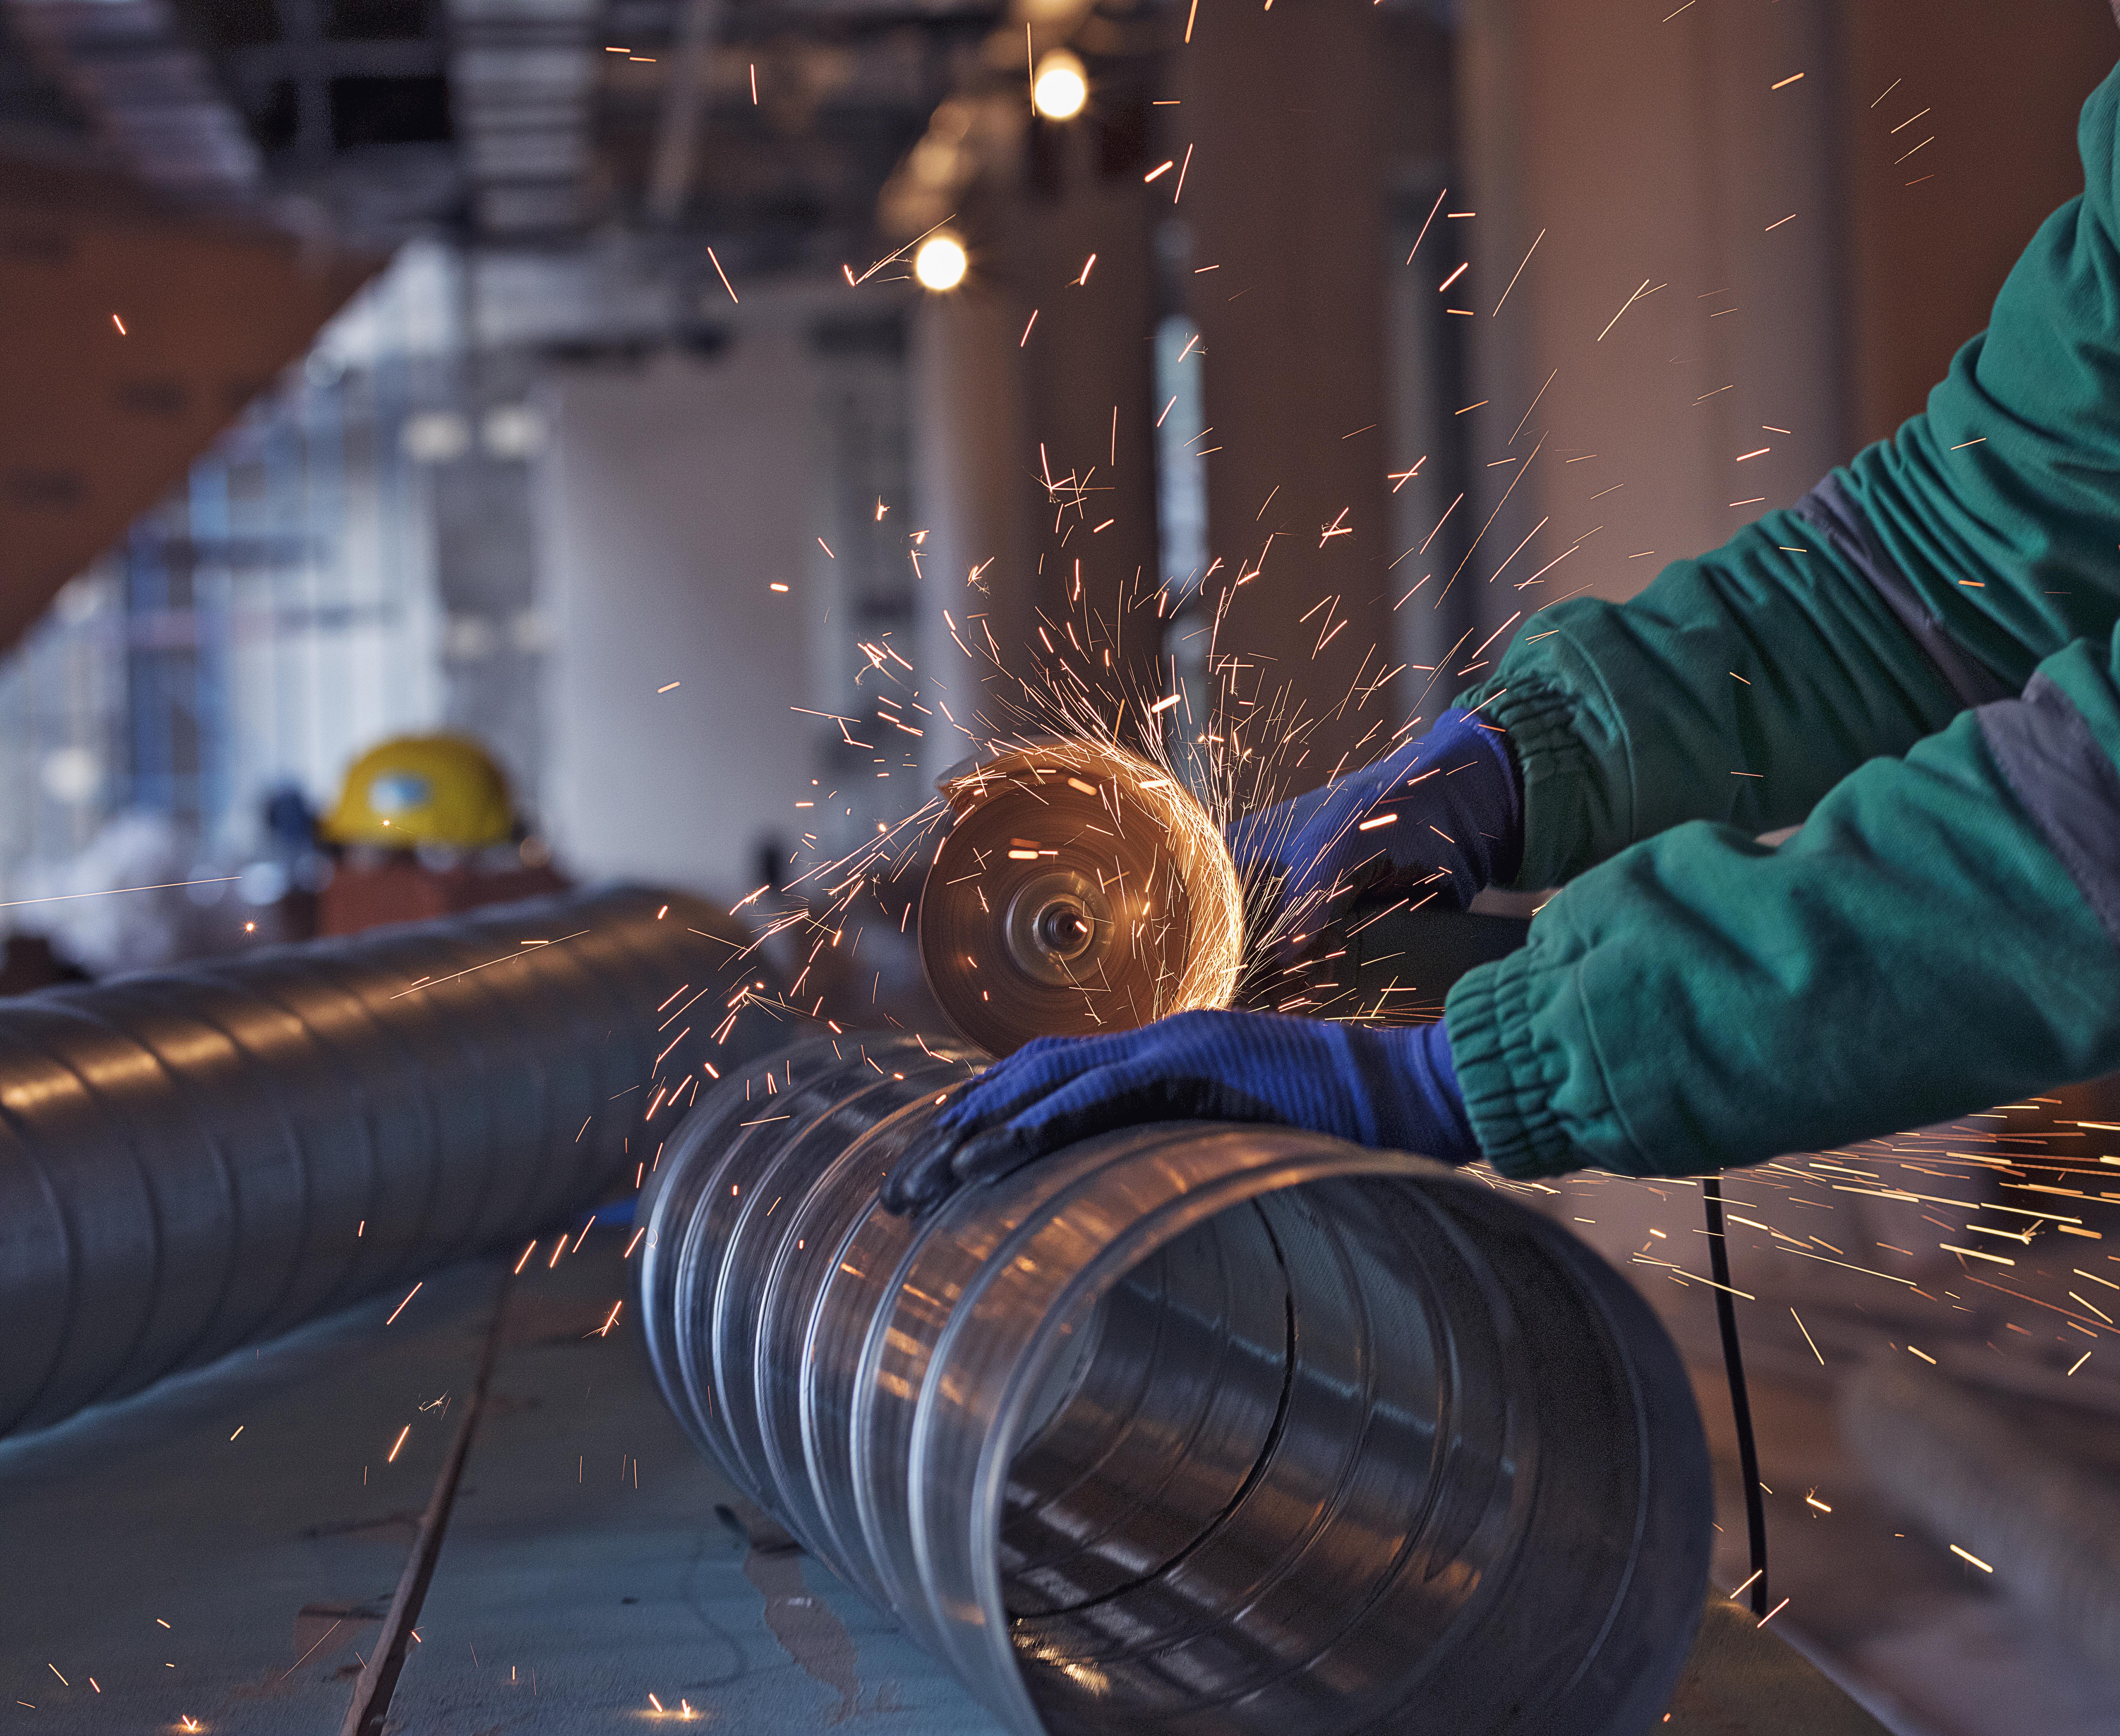 arc-welding-steel-construction-site.jpg